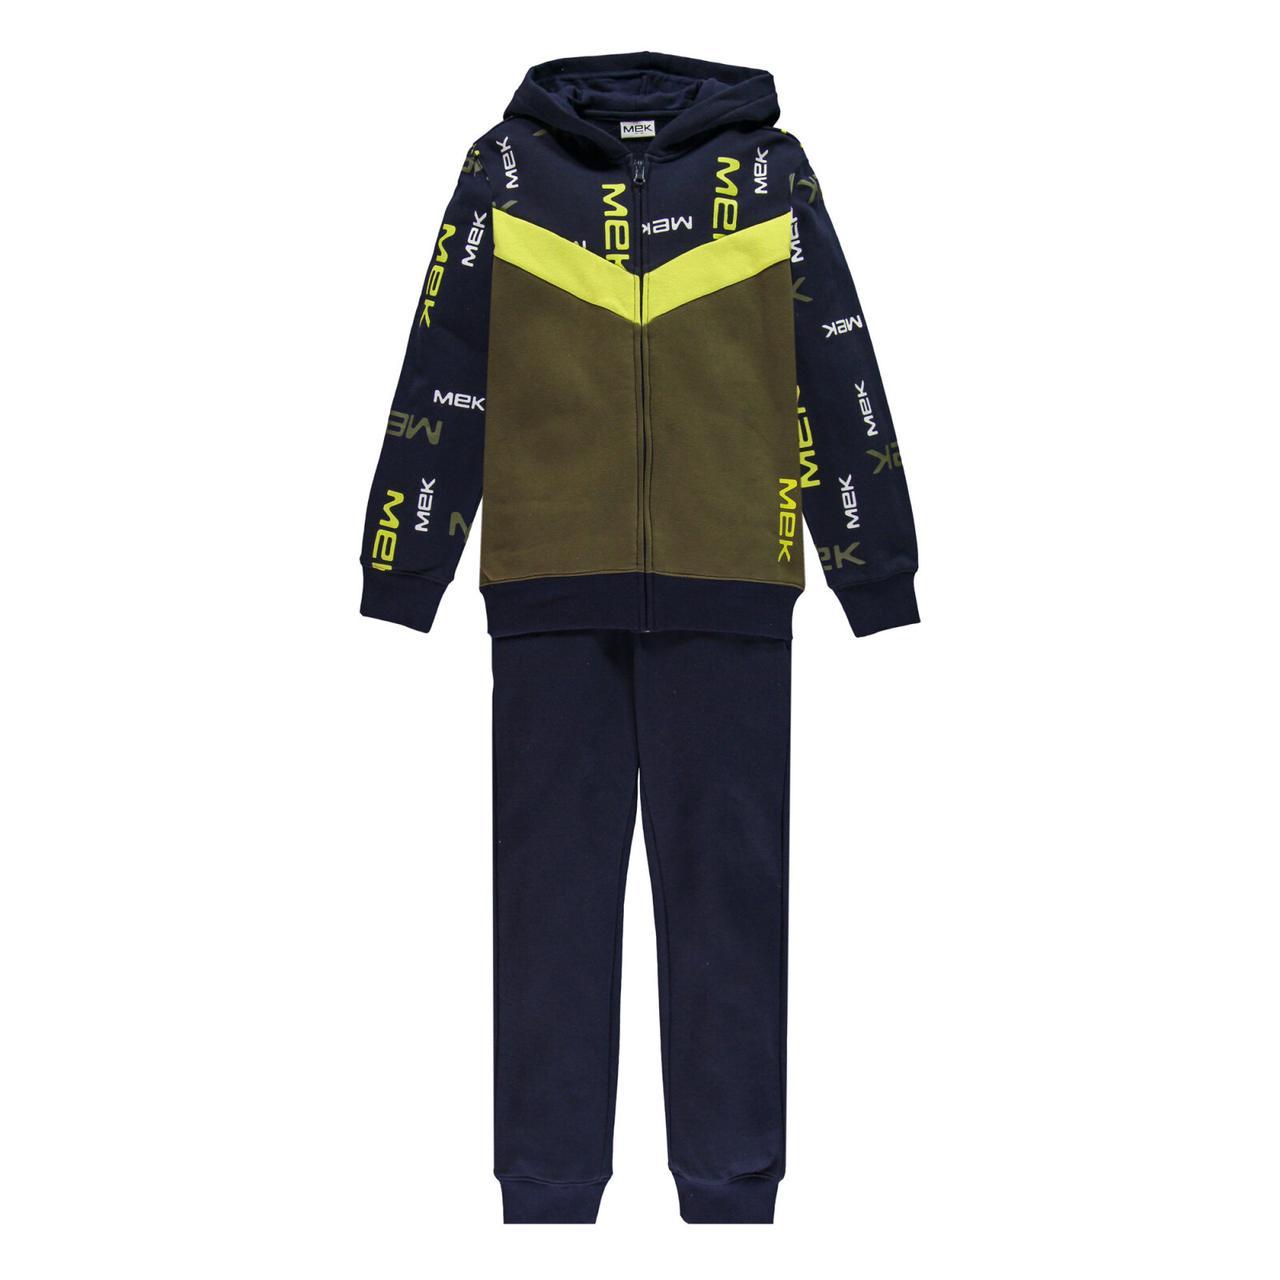 Утеплений спортивний костюм для хлопчика MEK 203MHEP003-677 синій 164